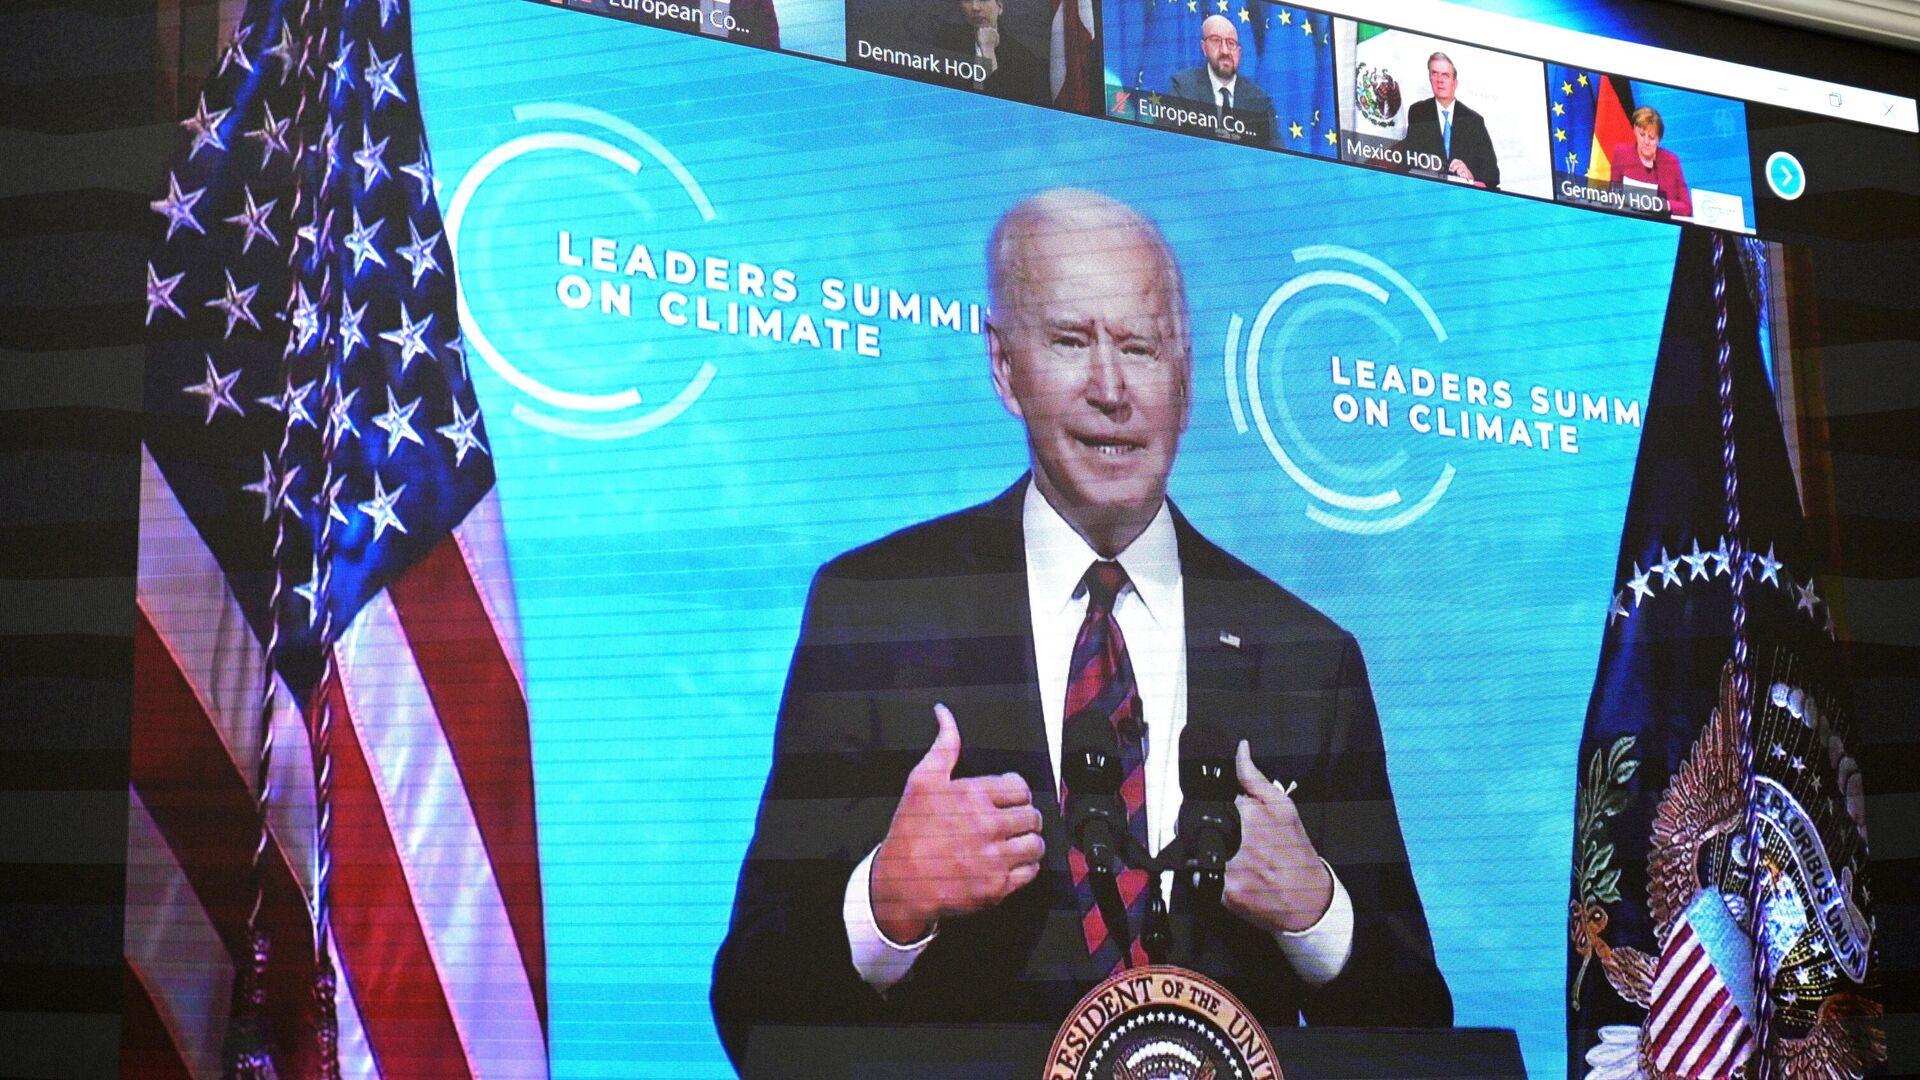 Монитор с изображением президента США Джо Байдена, выступающего на Саммите лидеров по вопросам климата - РИА Новости, 1920, 23.04.2021